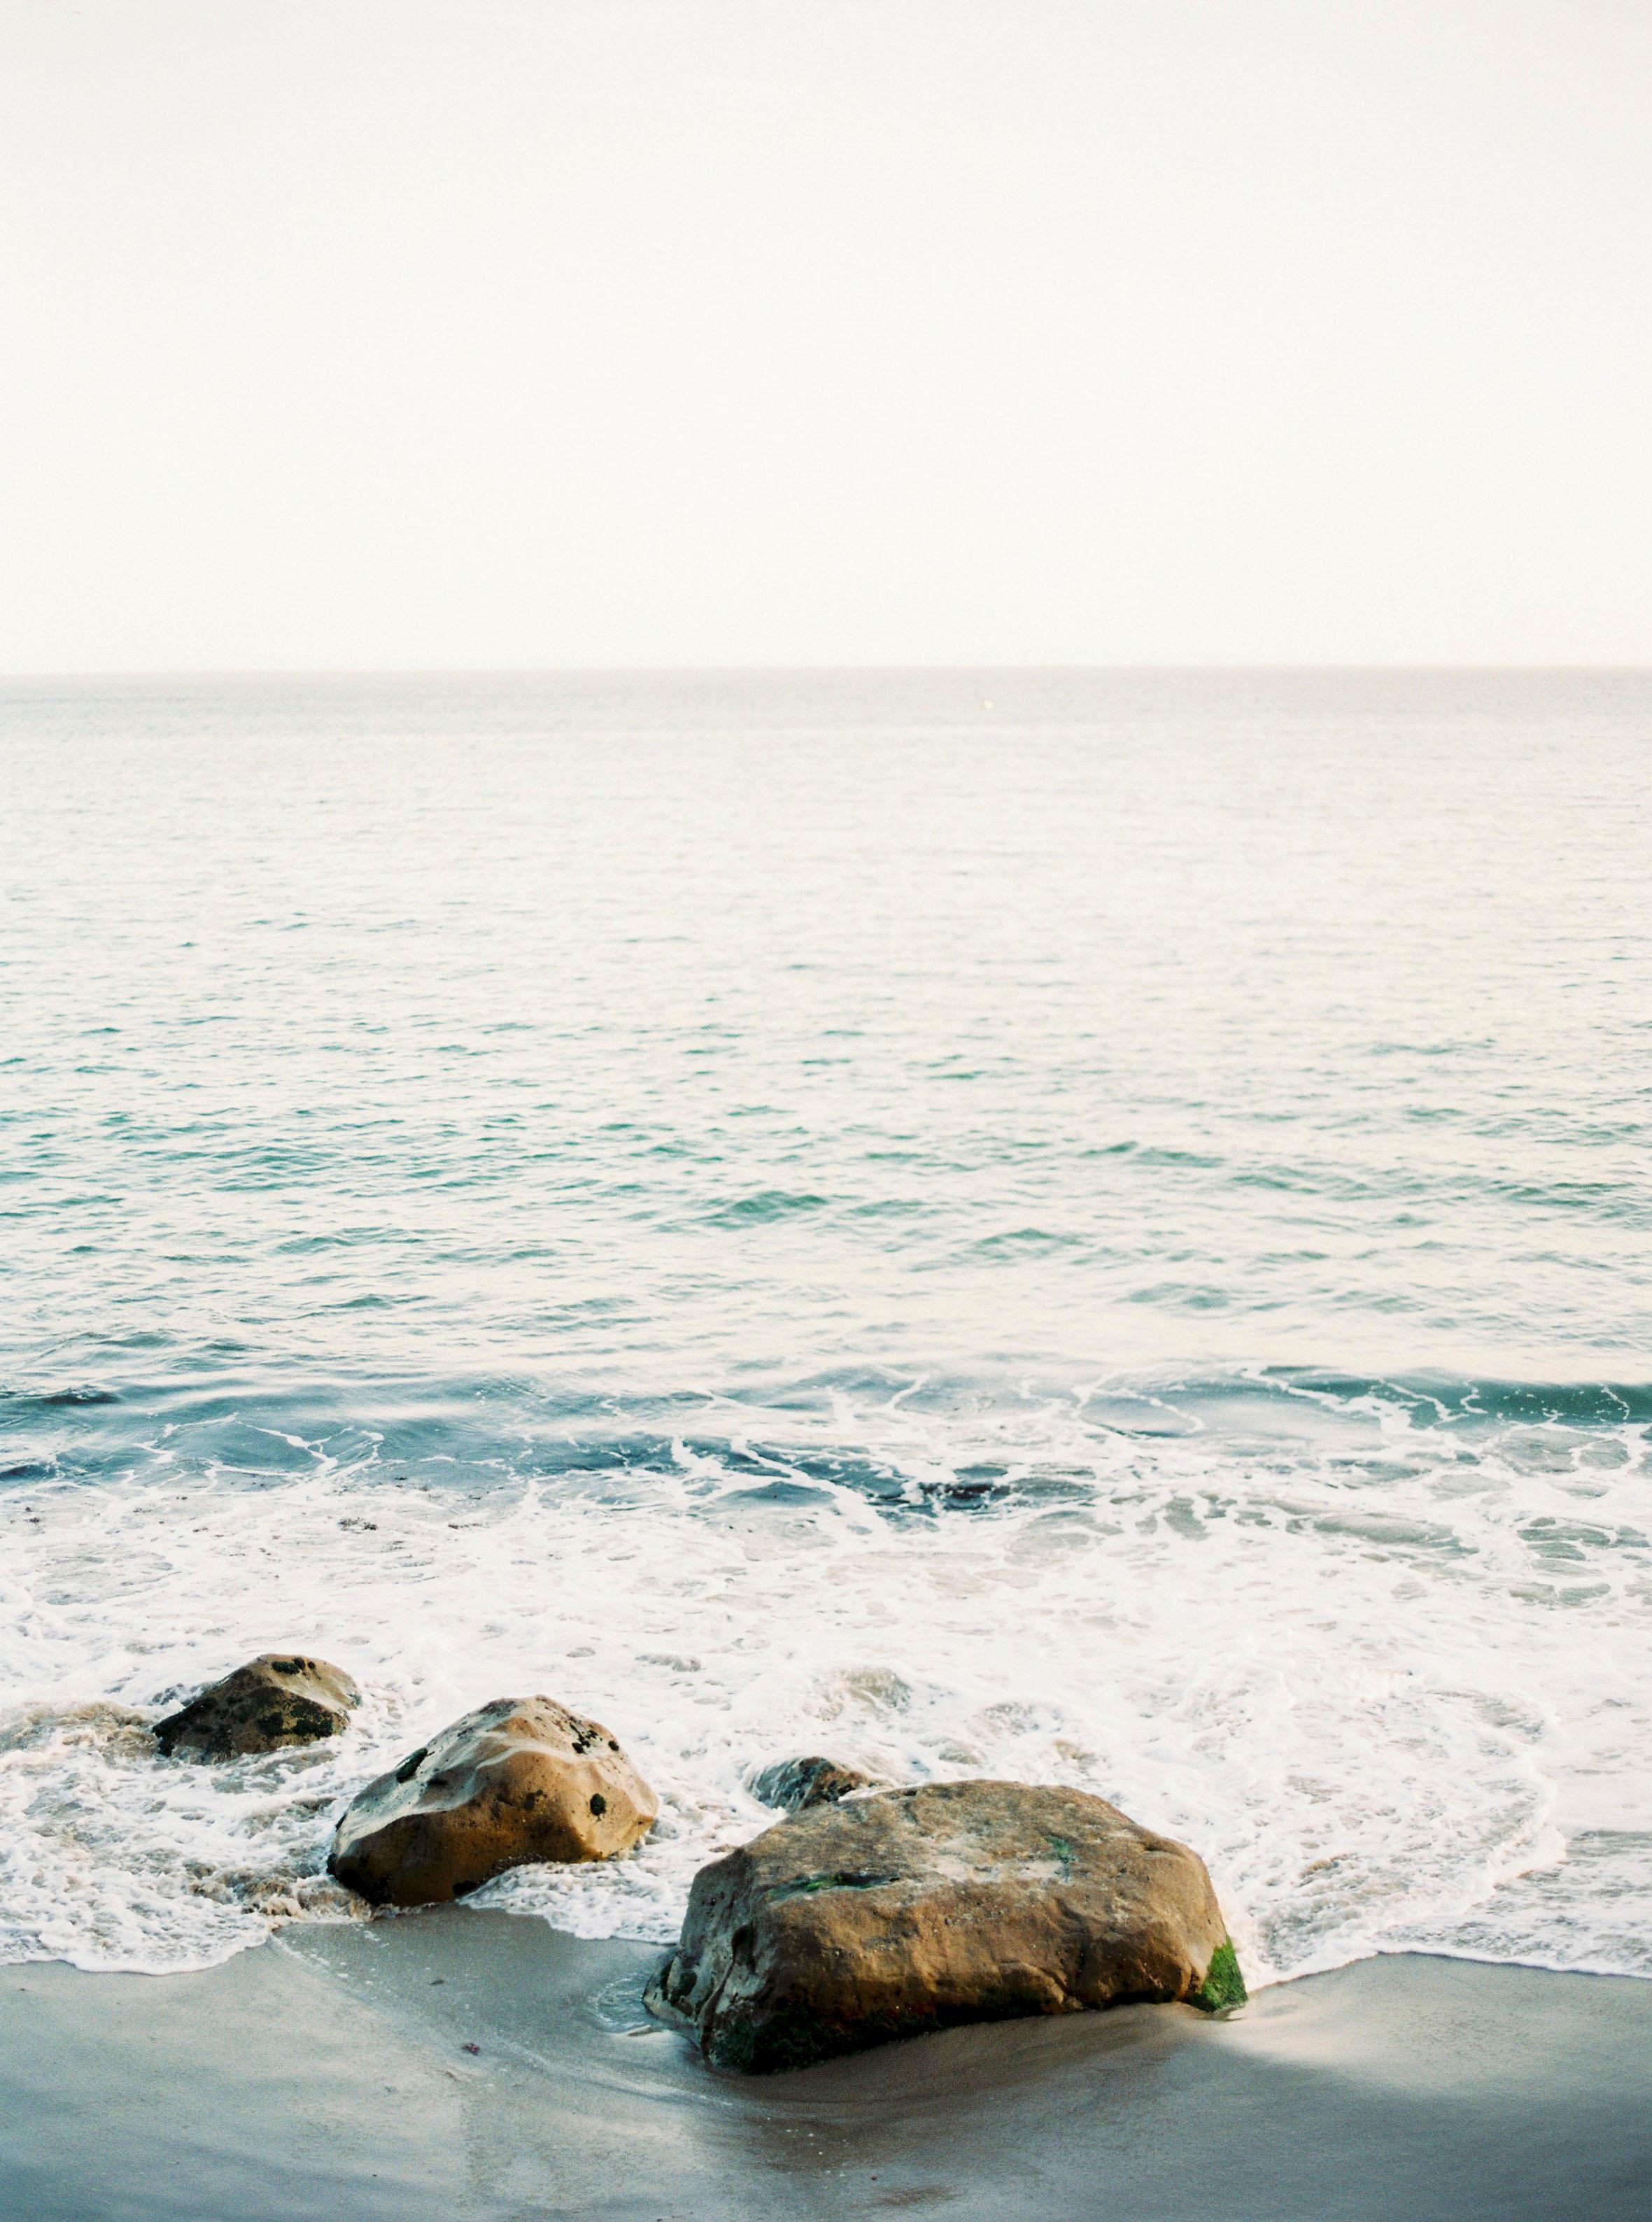 Malibu Shore - 21st Century Contemporary Color Photograph by Pia Clodi